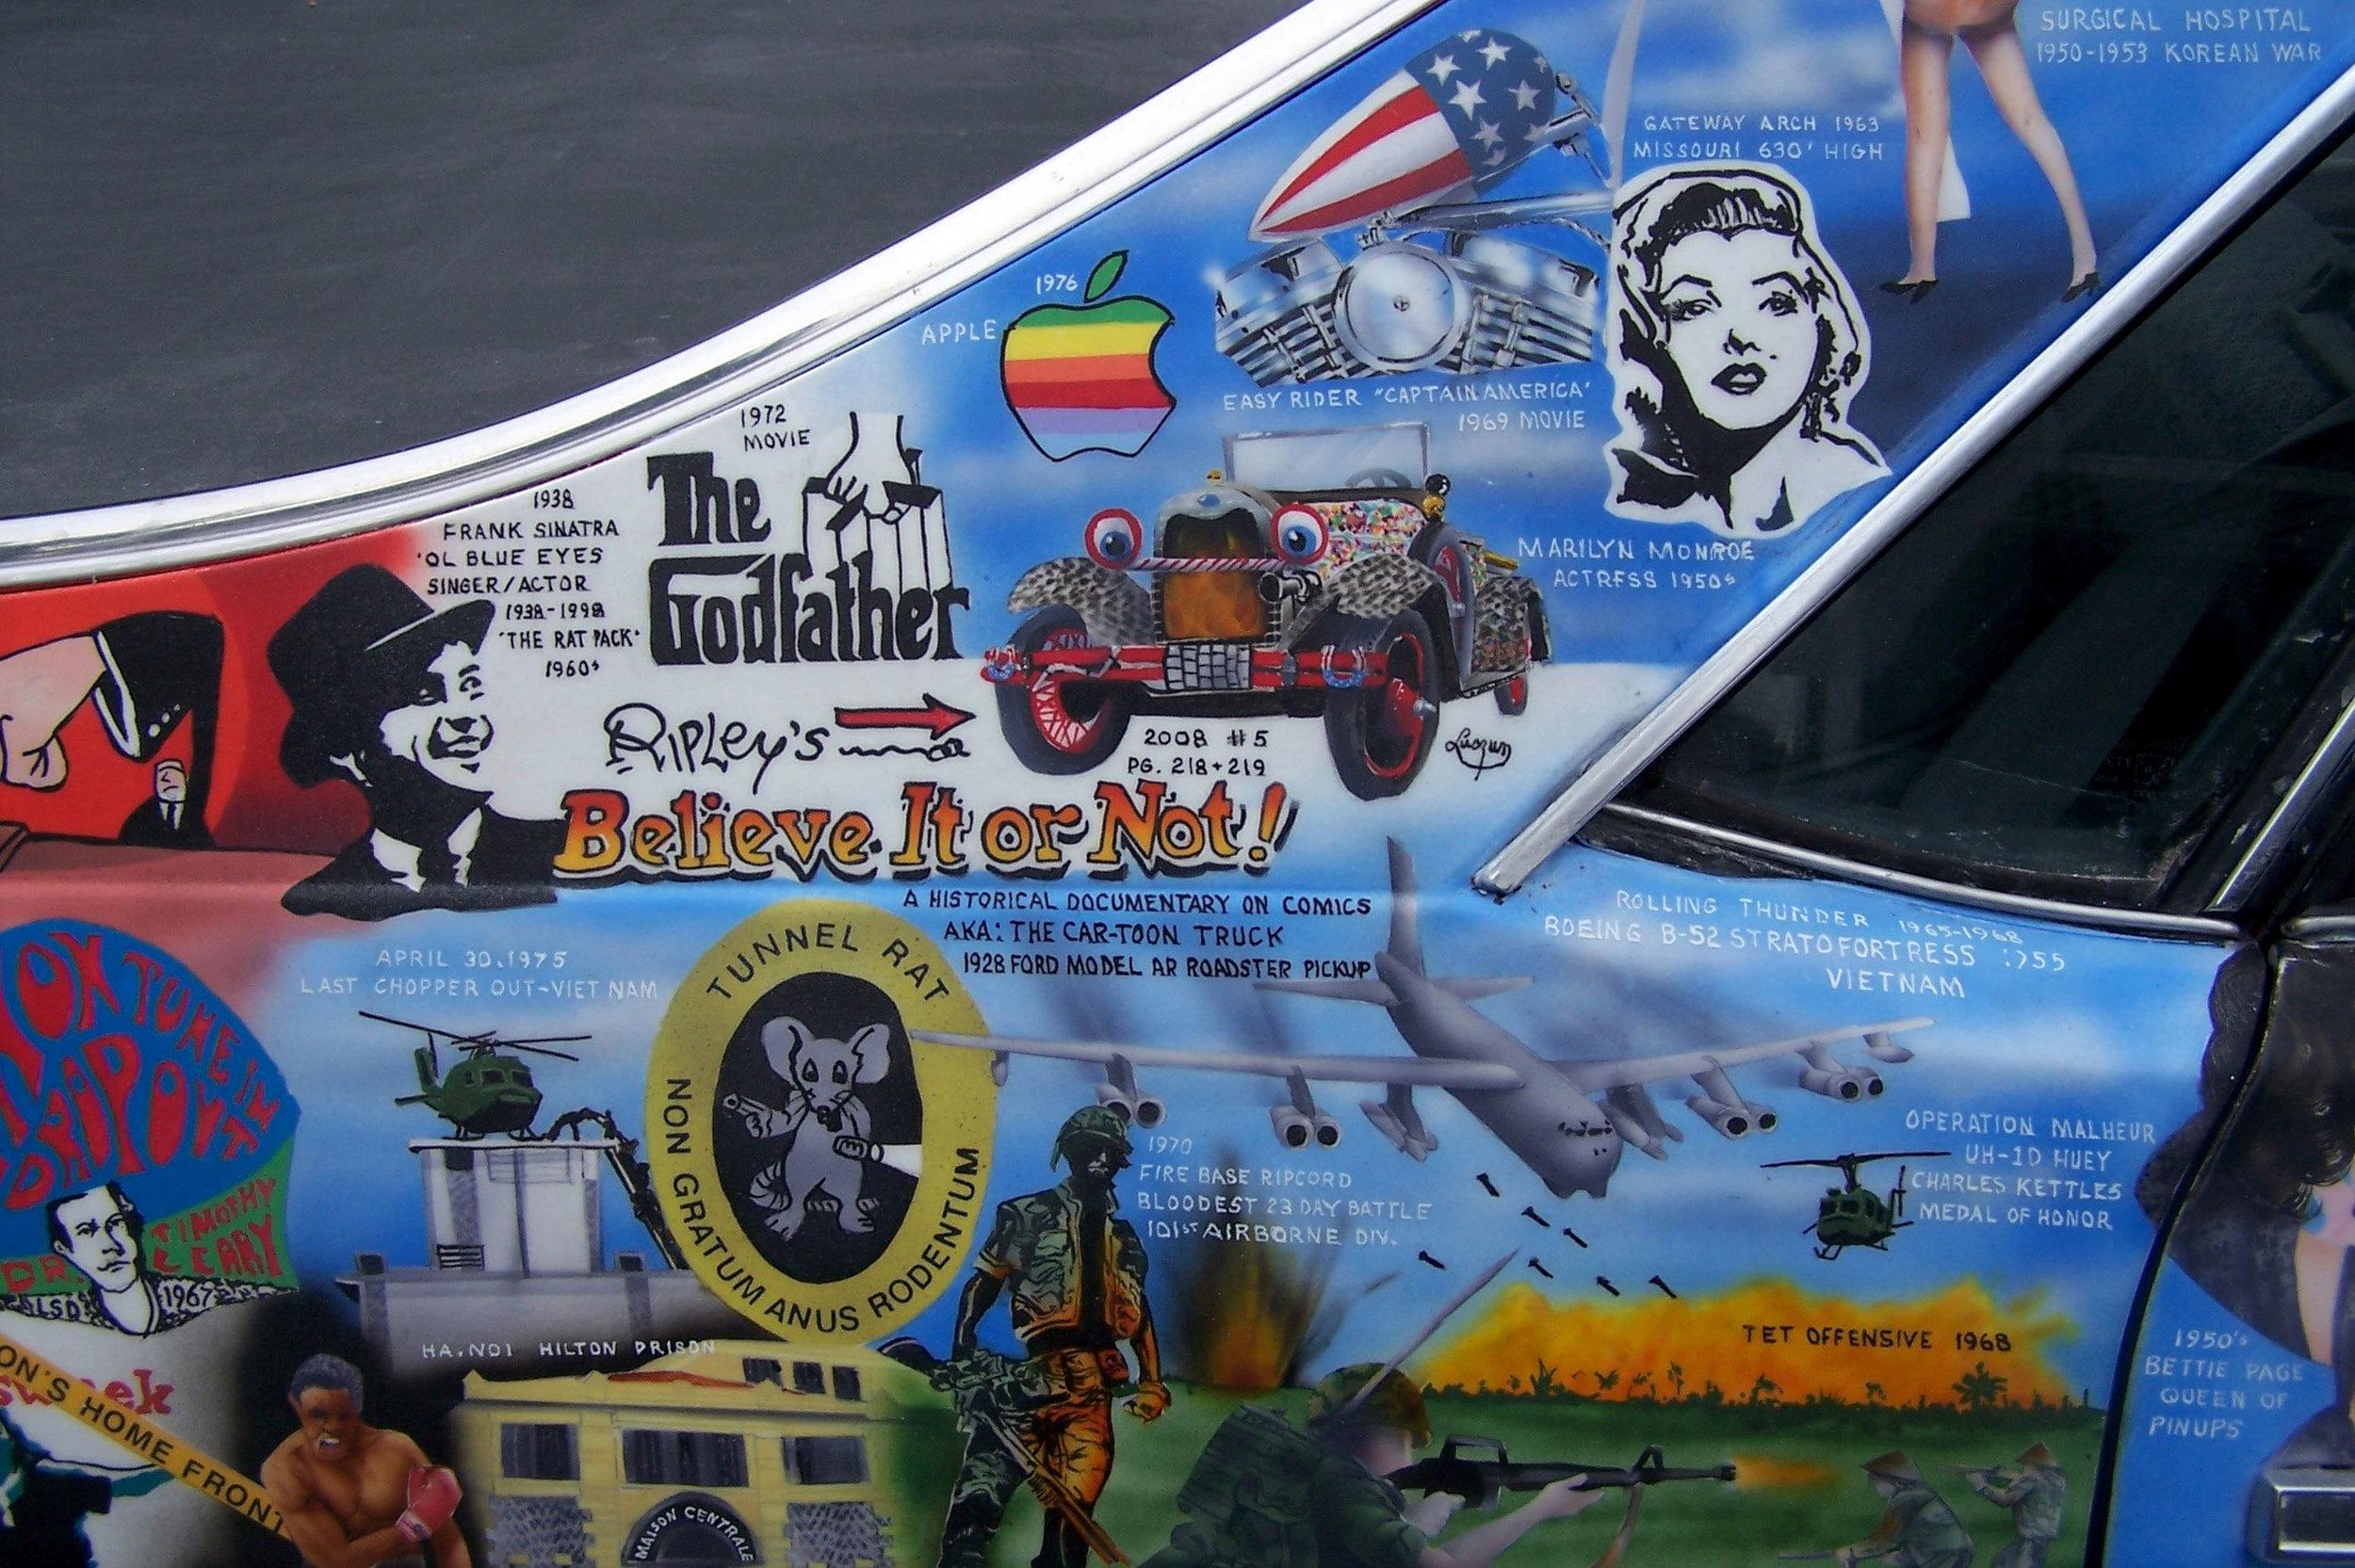 El-Camino-art-car-close-up-04.jpg